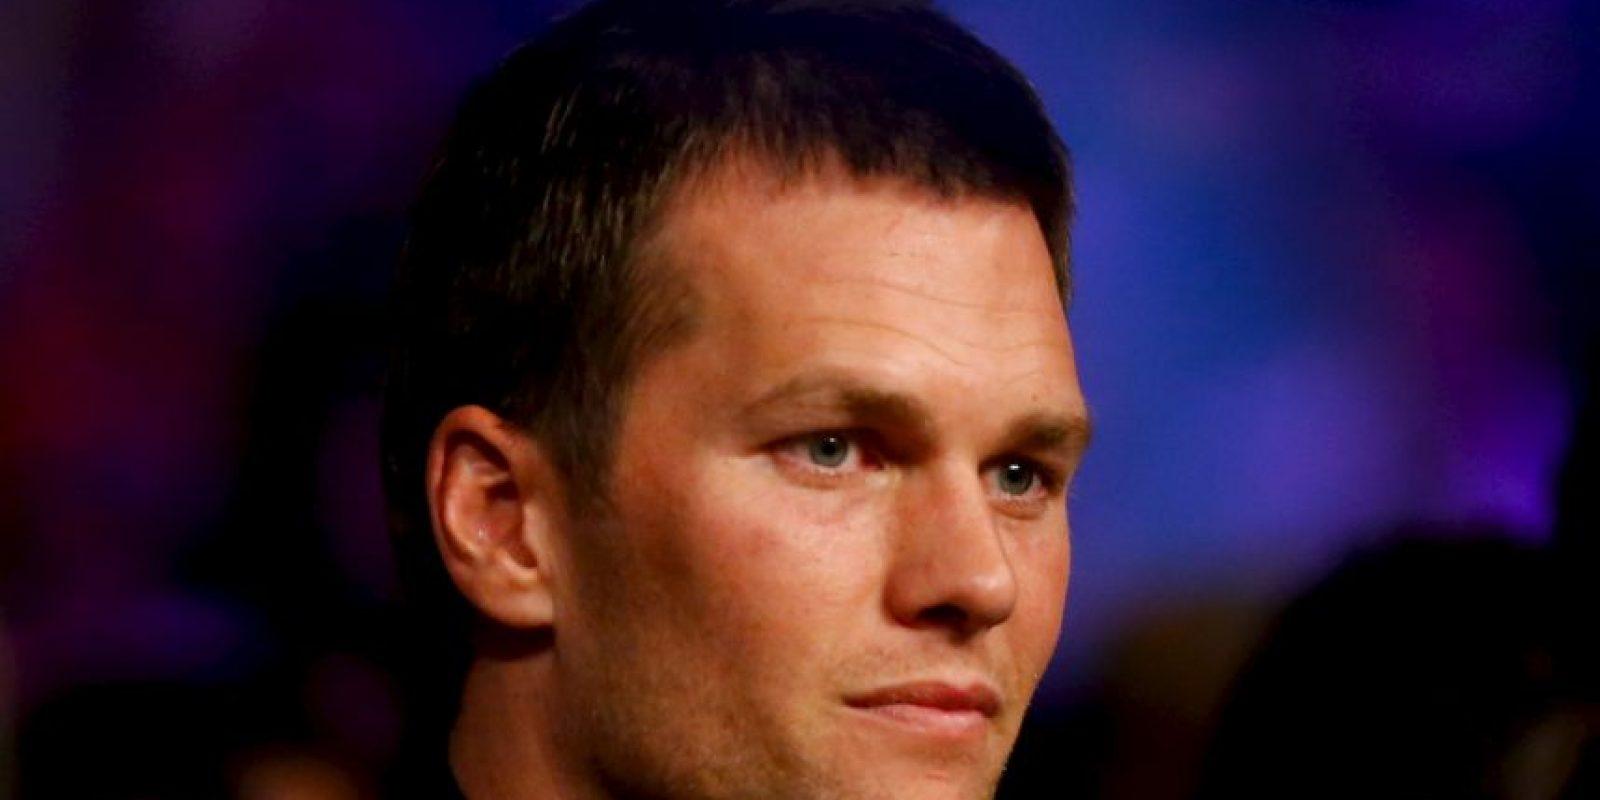 El mariscal de campo de los Patriotas de Nueva Inglaterra, Tom Brady, también apoyó a Mayweather Foto:Getty Images